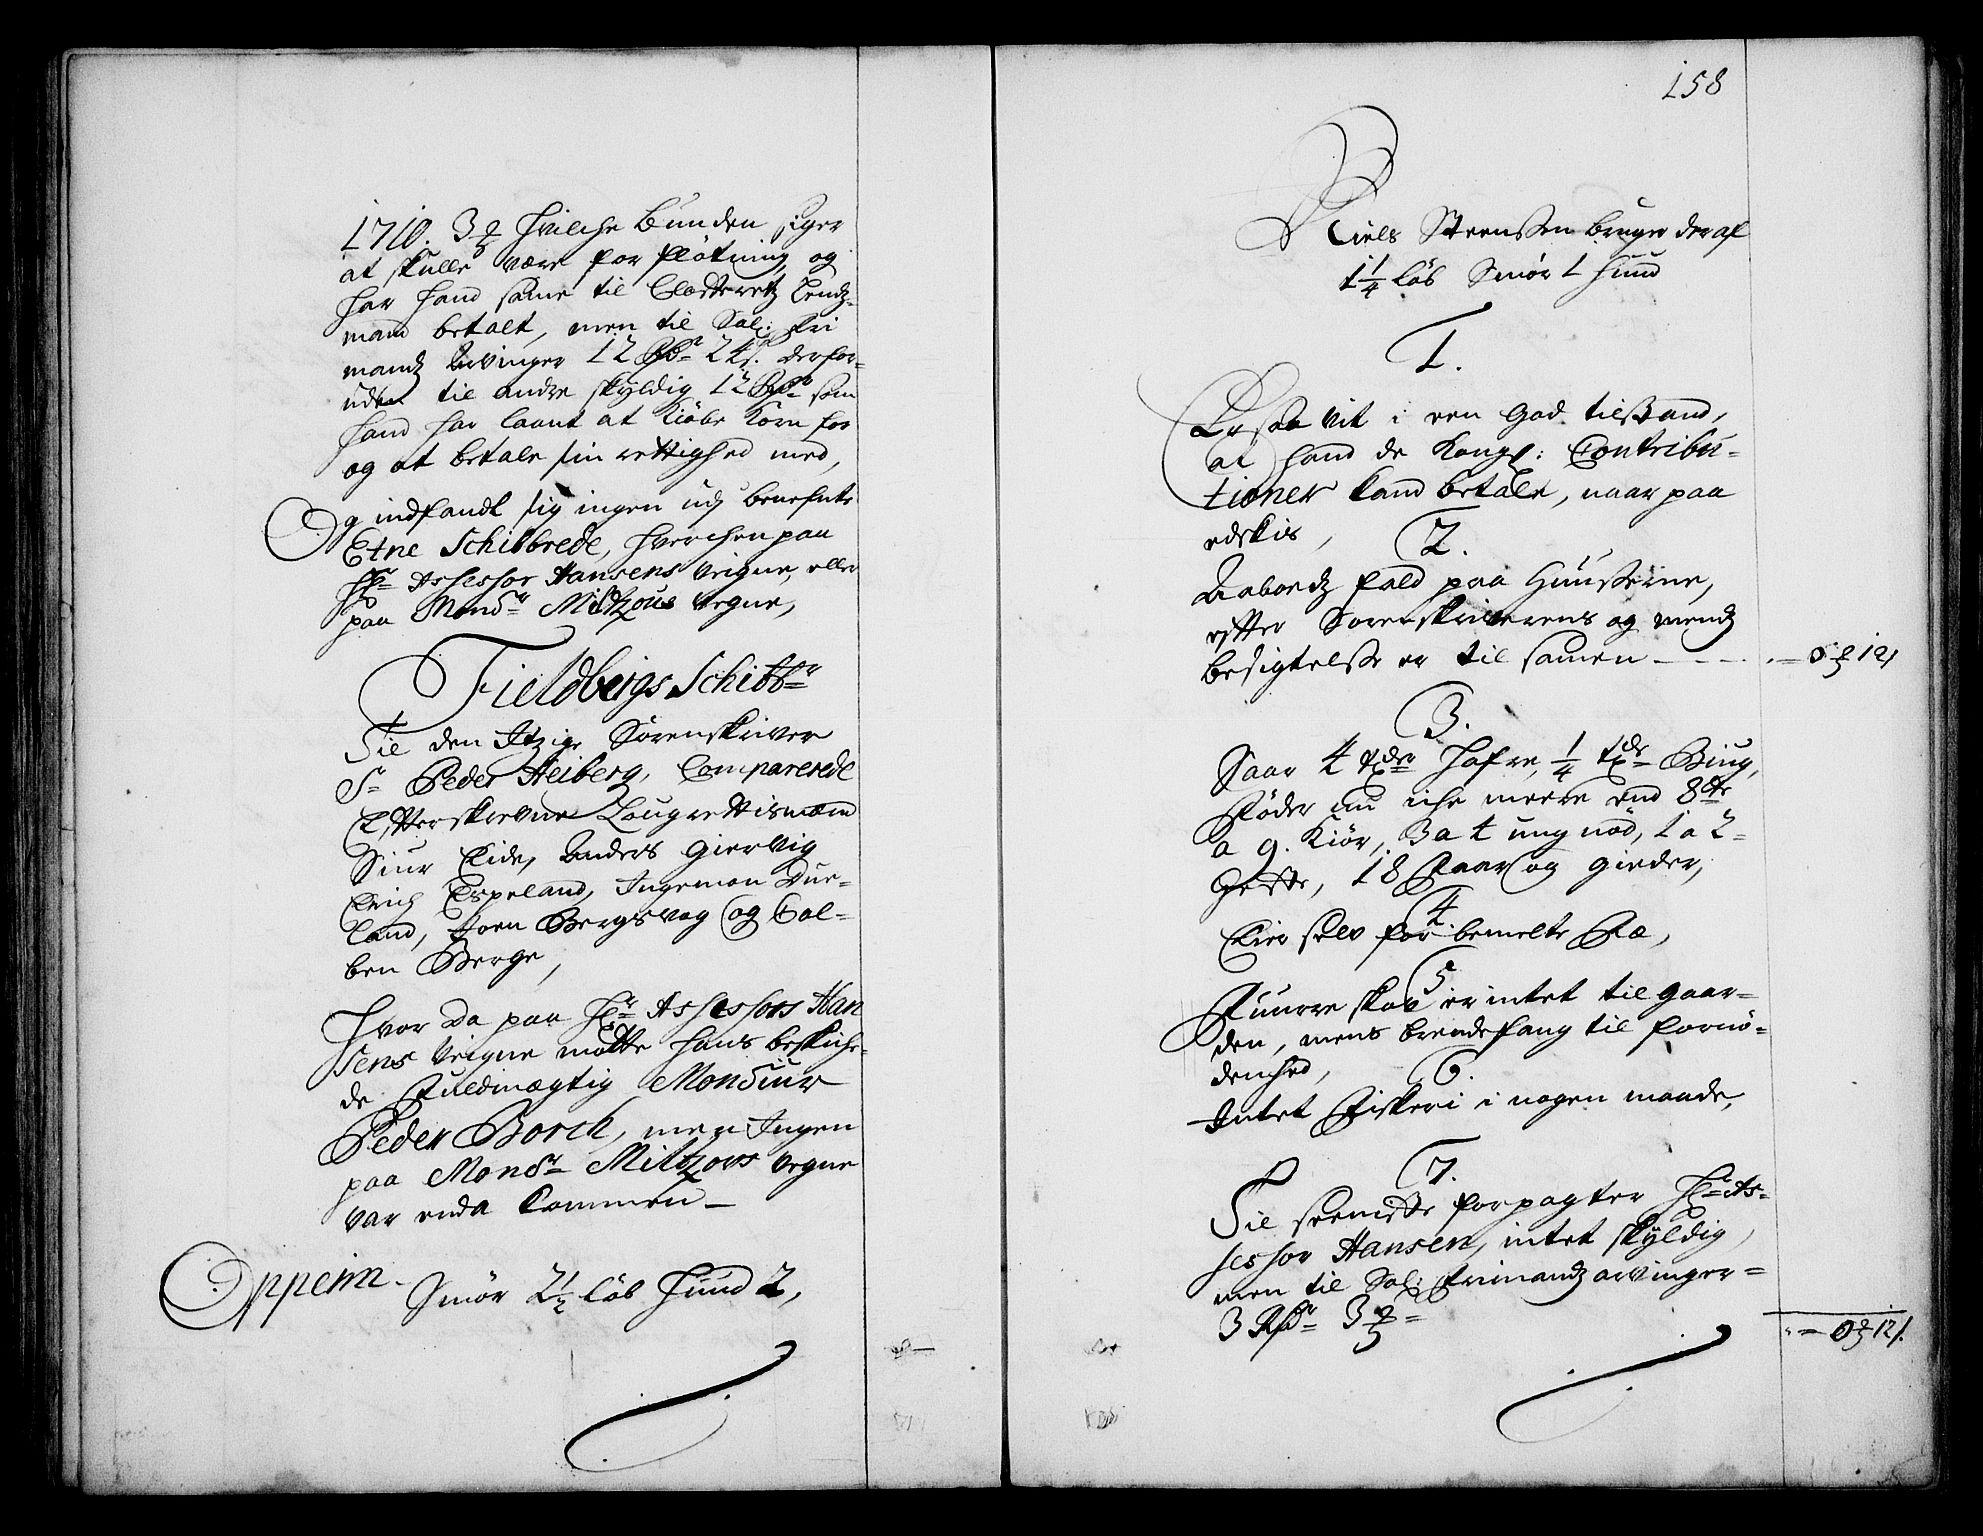 RA, Rentekammeret inntil 1814, Realistisk ordnet avdeling, On/L0003: [Jj 4]: Kommisjonsforretning over Vilhelm Hanssøns forpaktning av Halsnøy klosters gods, 1712-1722, s. 157b-158a